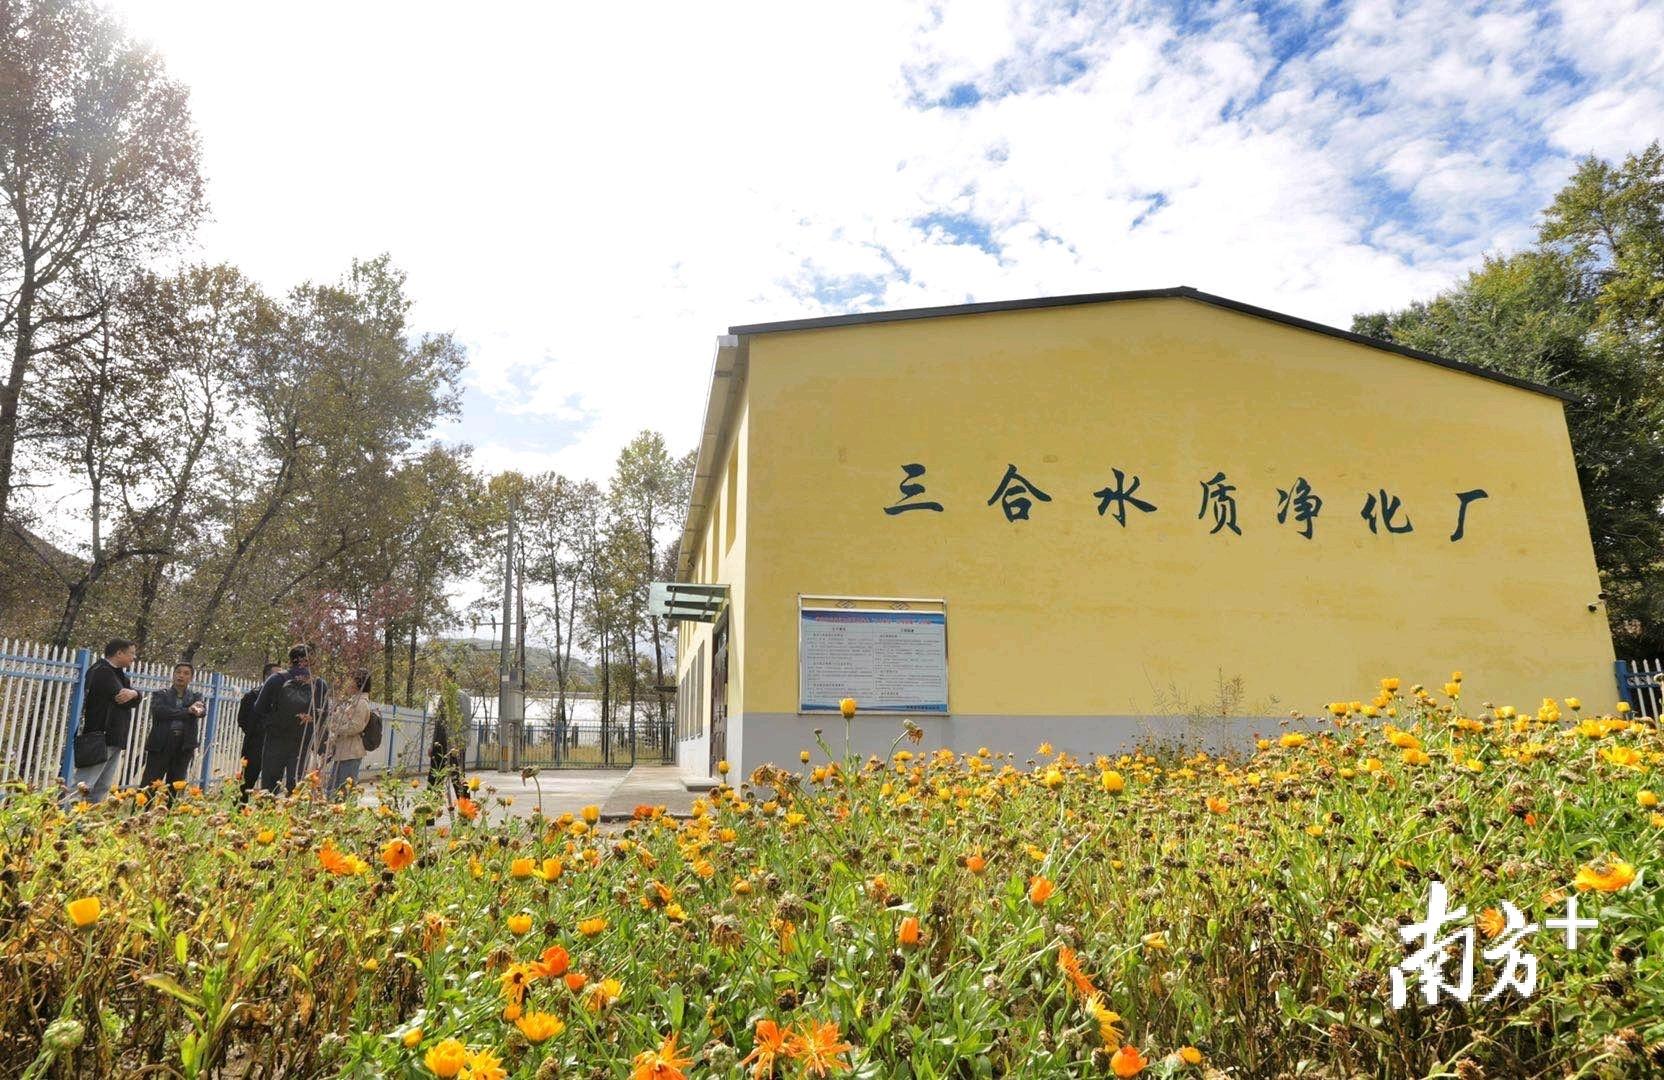 建成于去年6月的三合水质净化厂,是近年来平安区实施的又一人饮巩固提升工程项目。